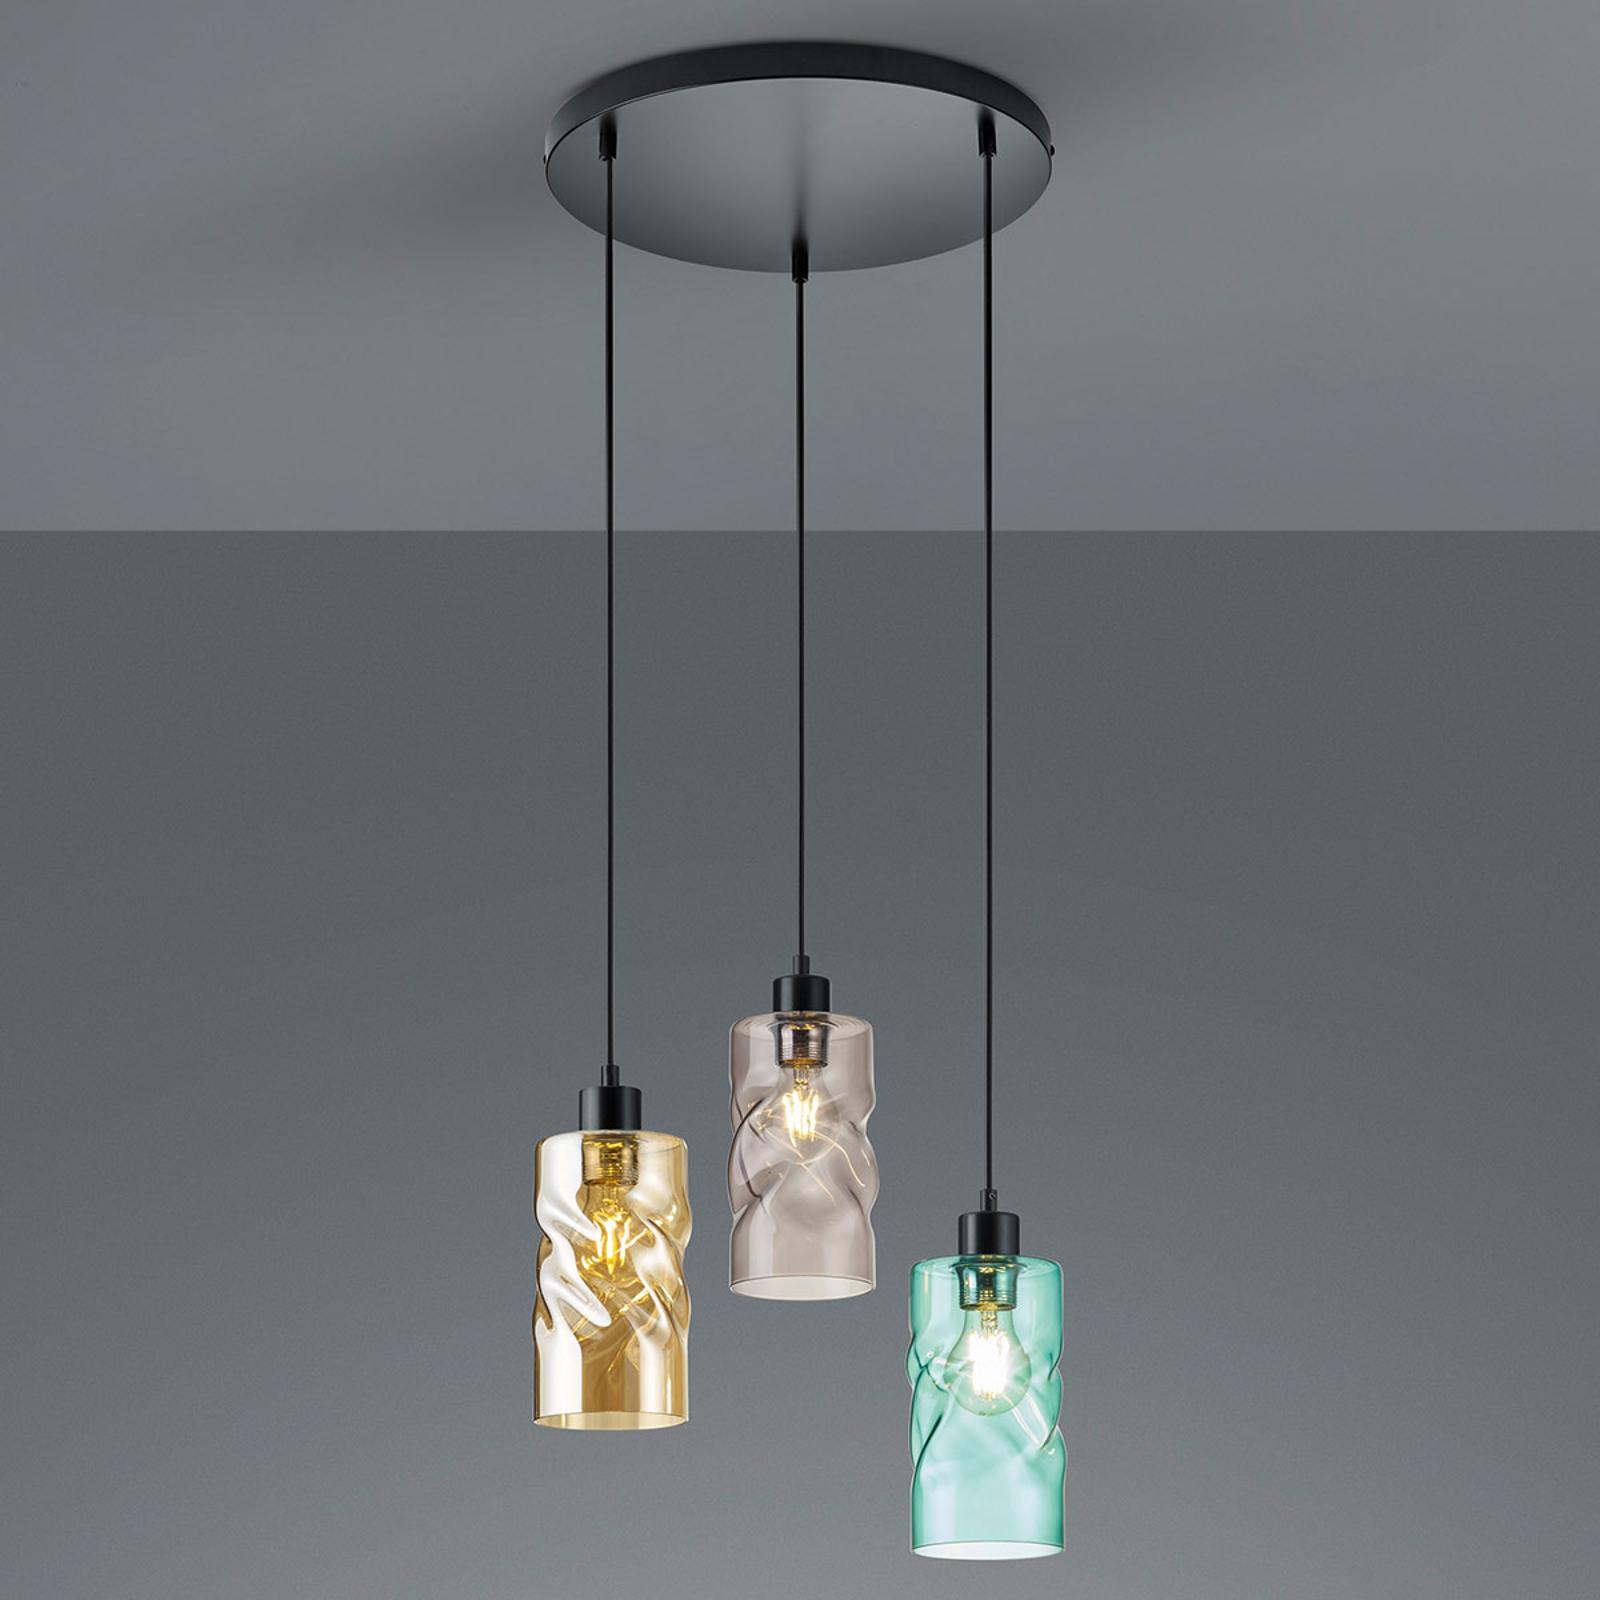 Riippuvalo Swirl, asivarjost., 3-lamp., pyöreä